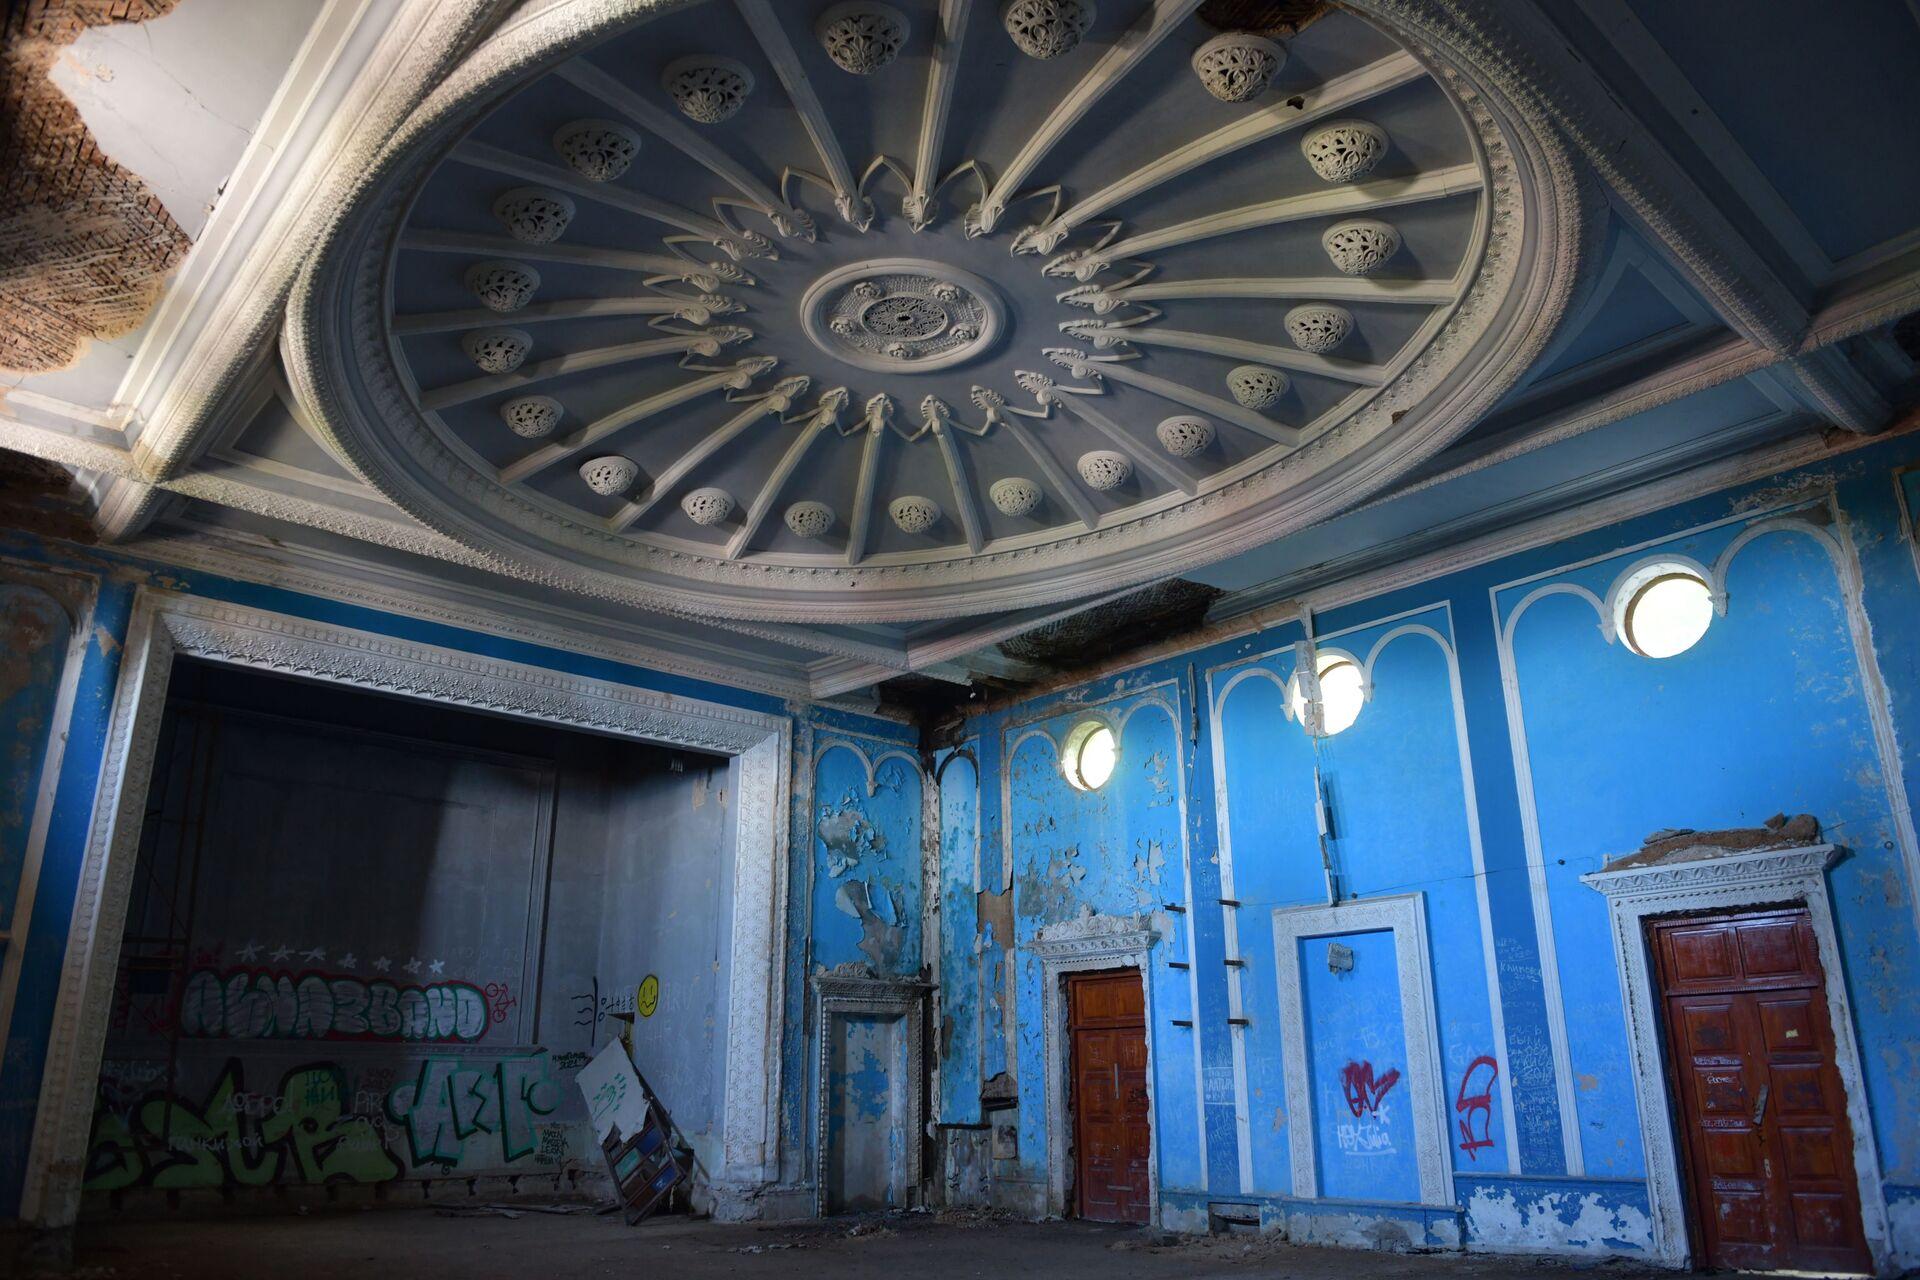 Заброшенный дворец культуры в Гагре  - Sputnik Абхазия, 1920, 12.10.2021